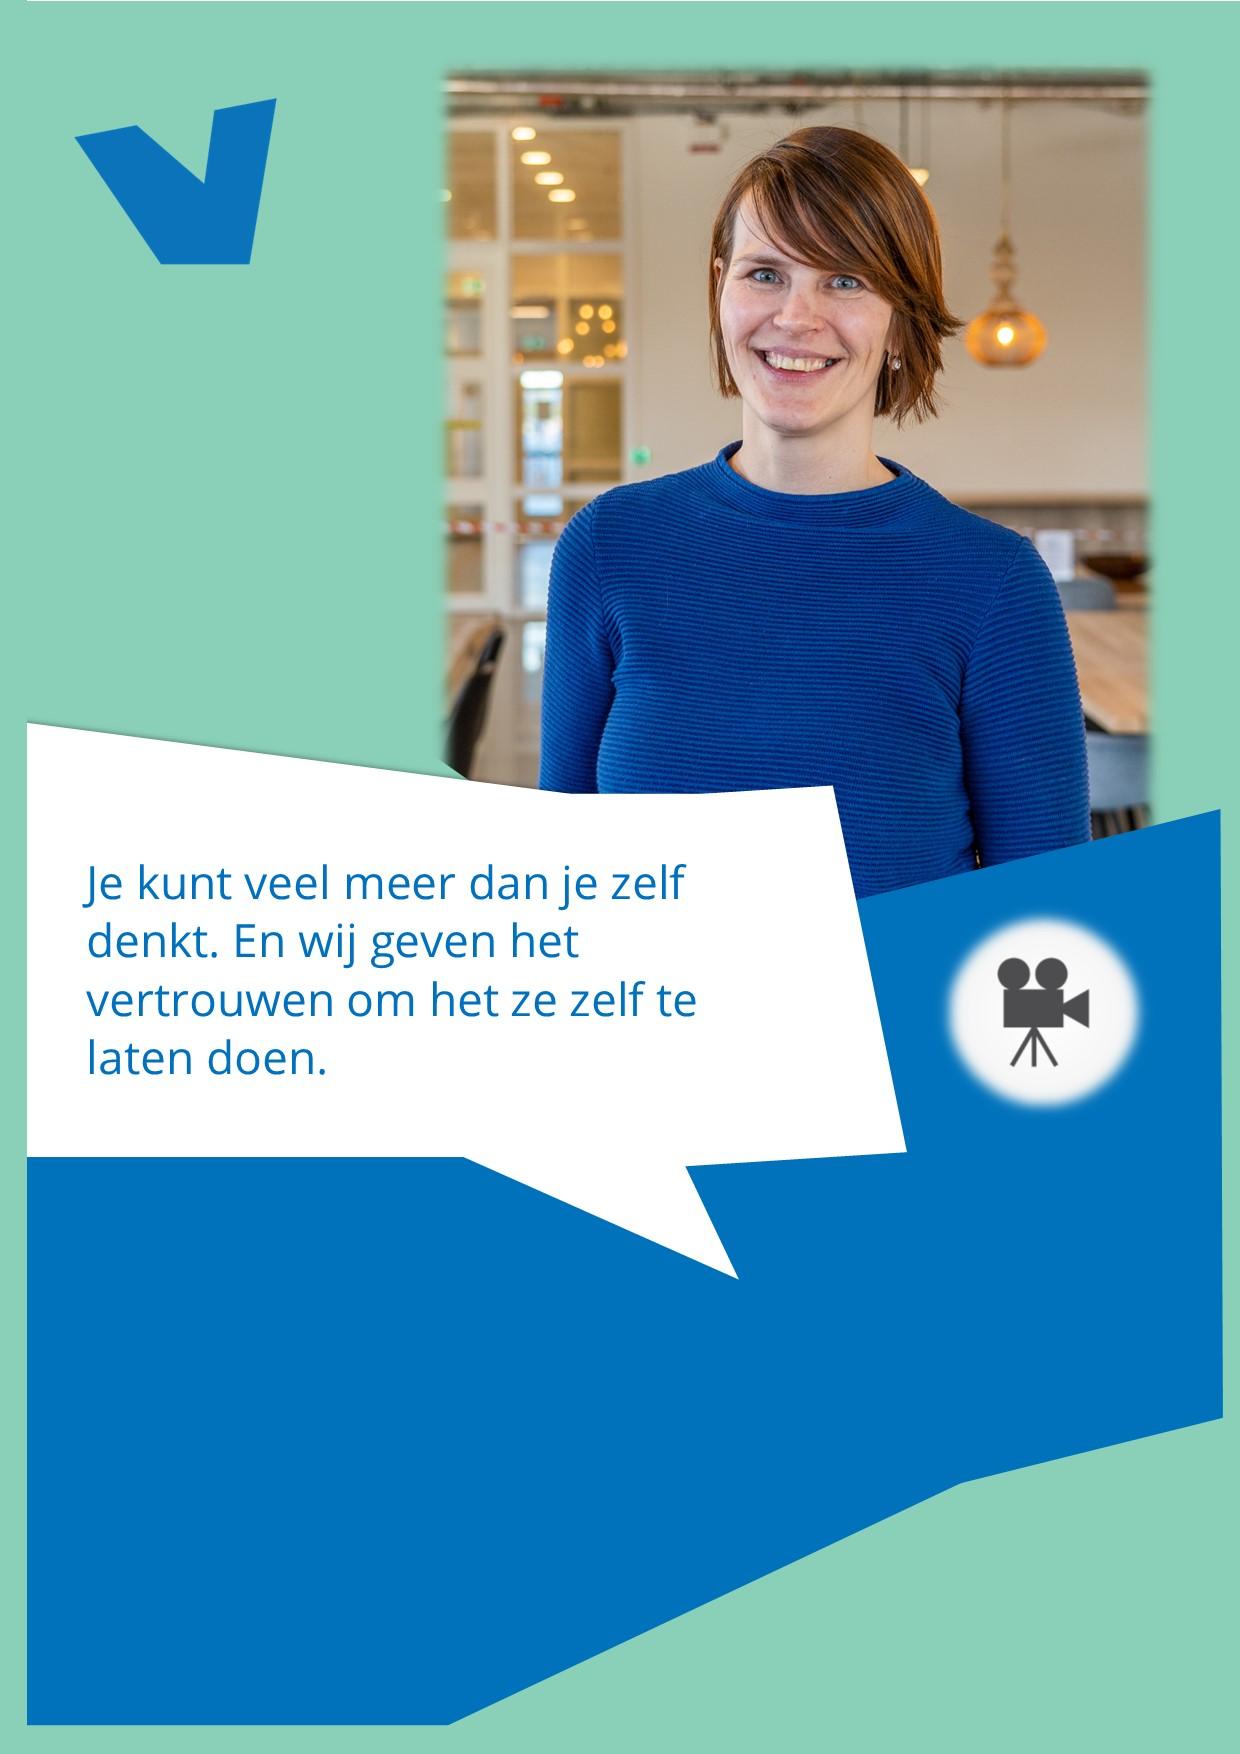 Nelly Heijs